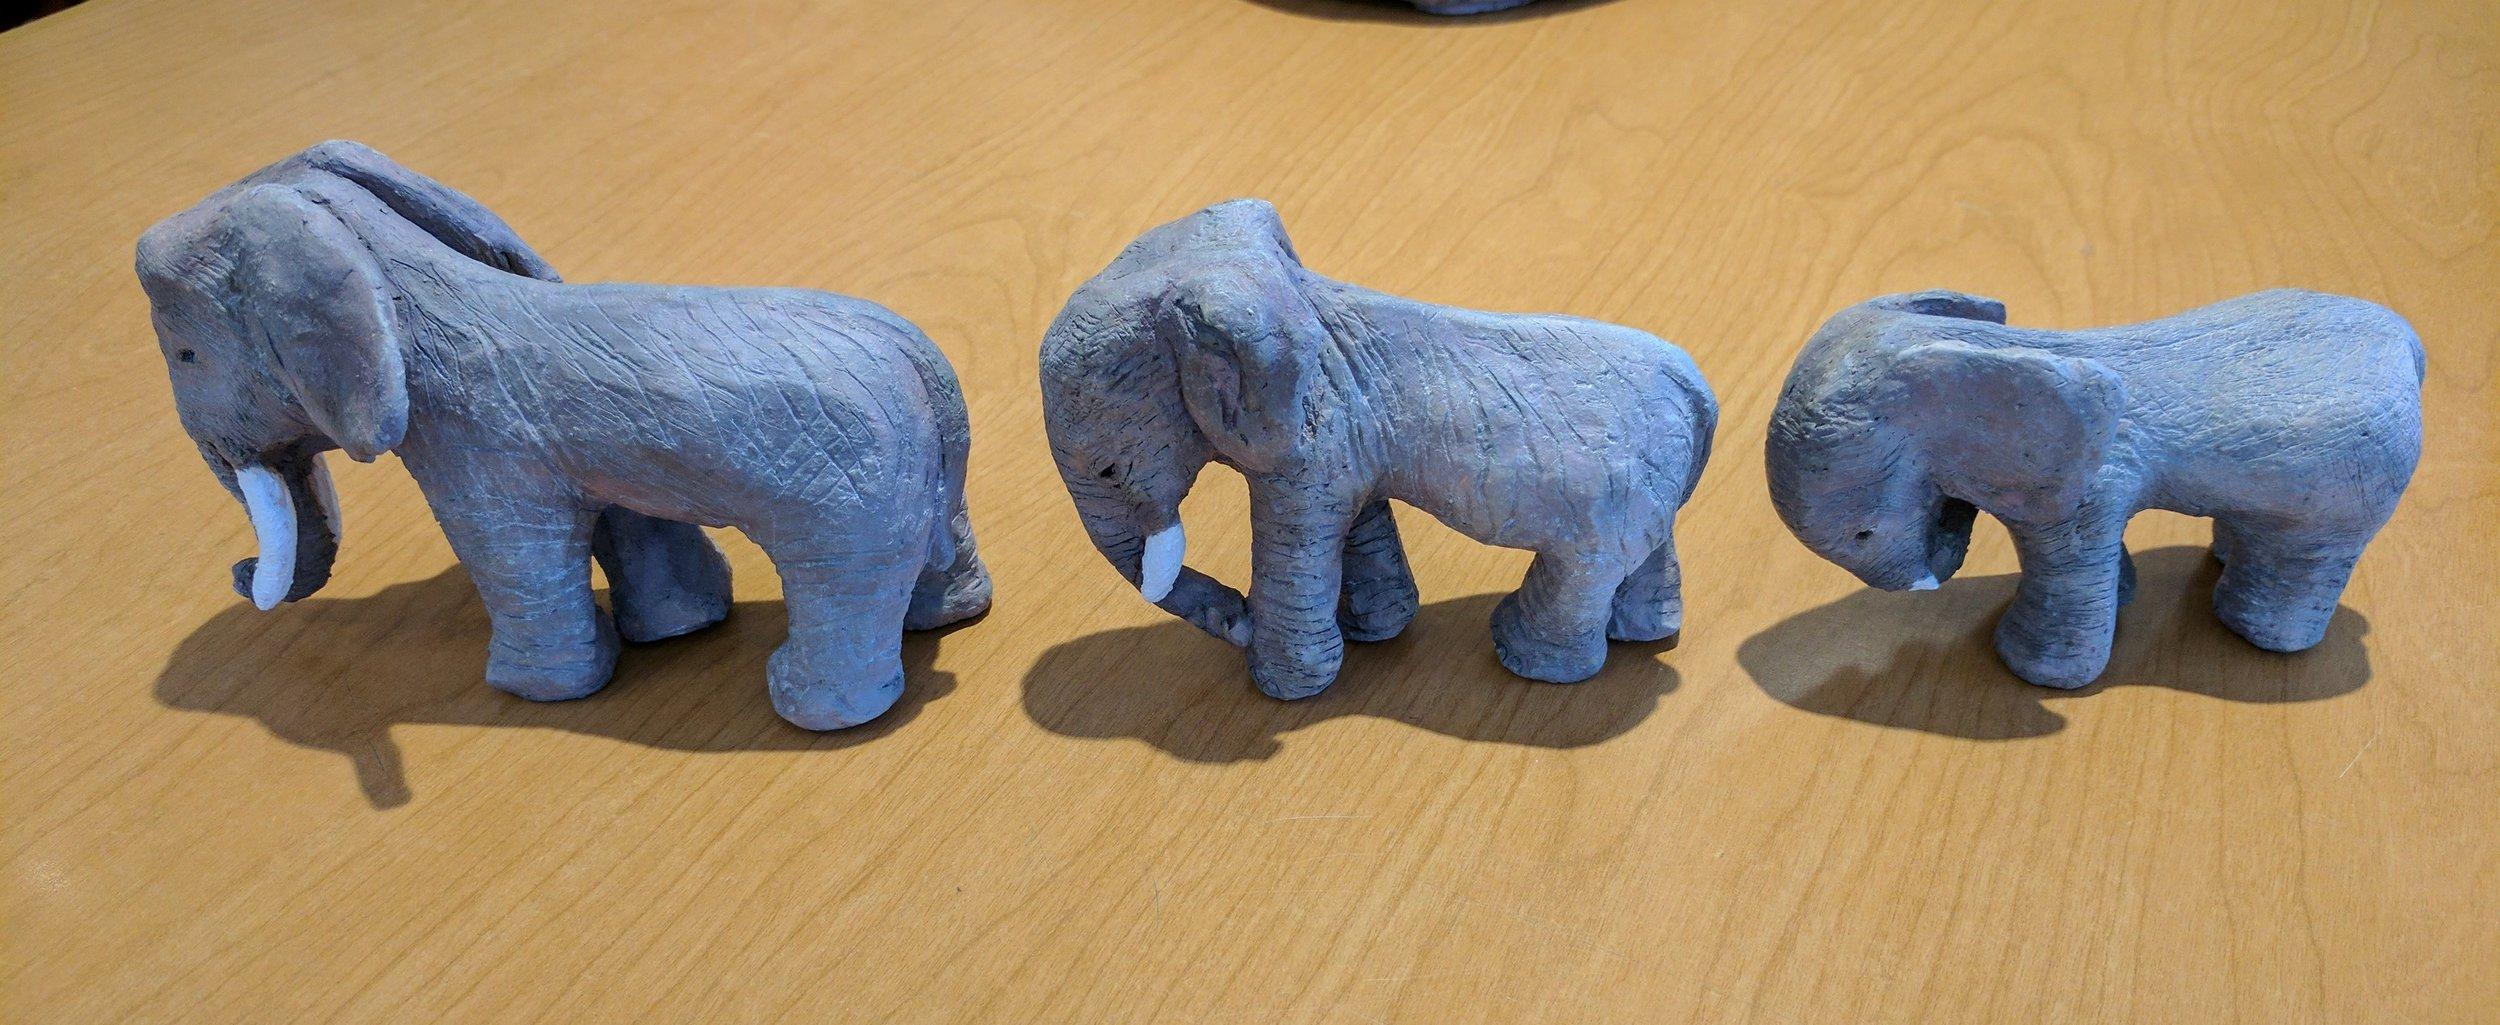 Little Elephants  #1.jpg